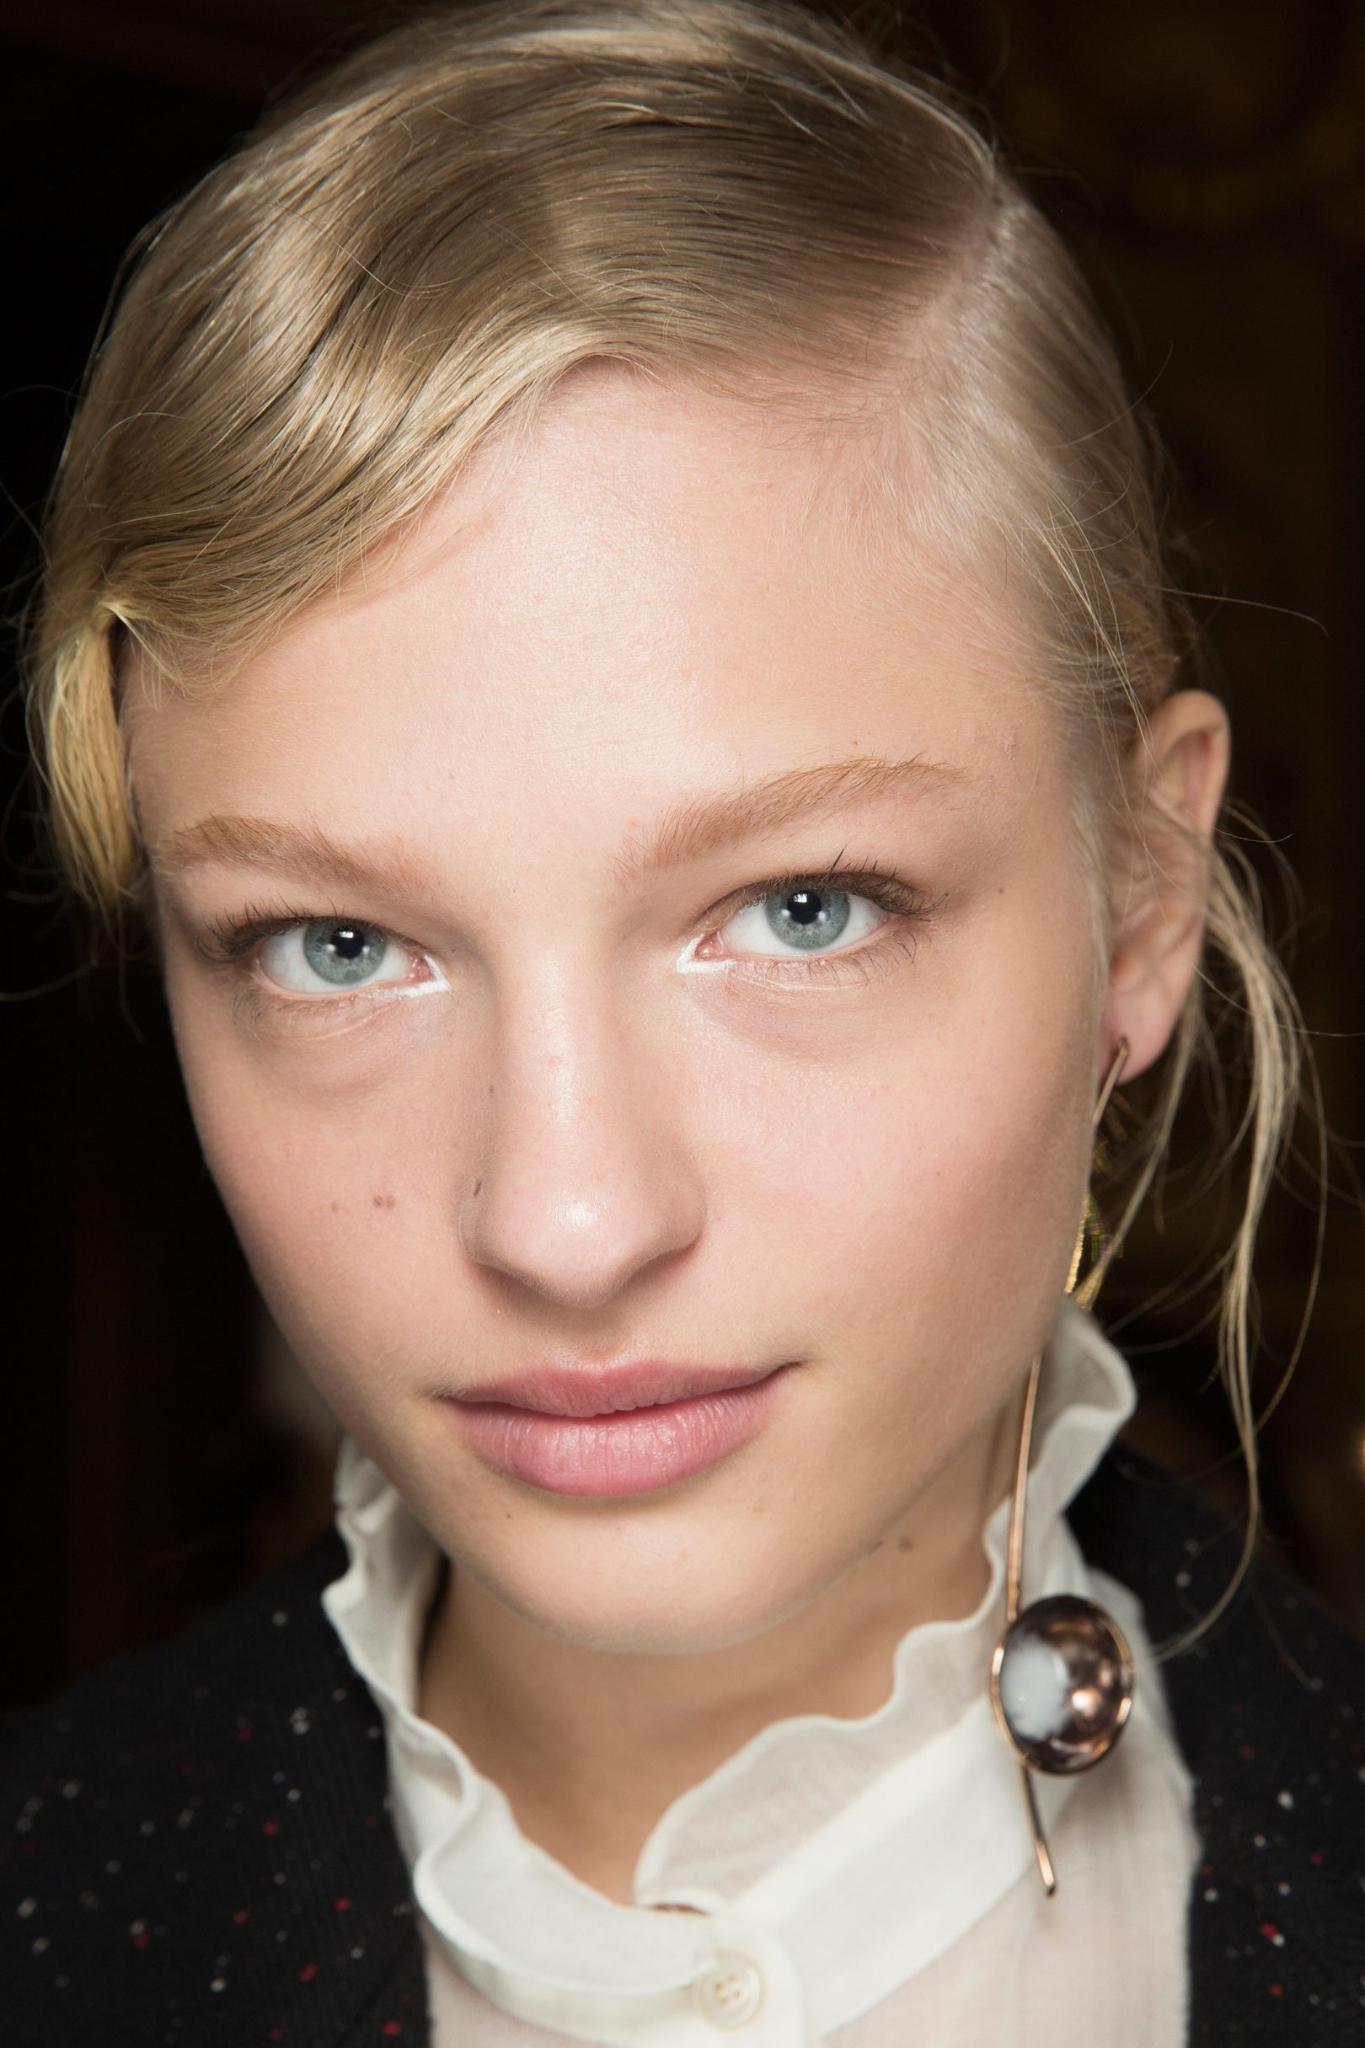 MOD-by-Monique-Fashion-Trends-Velvet-Makeup-4